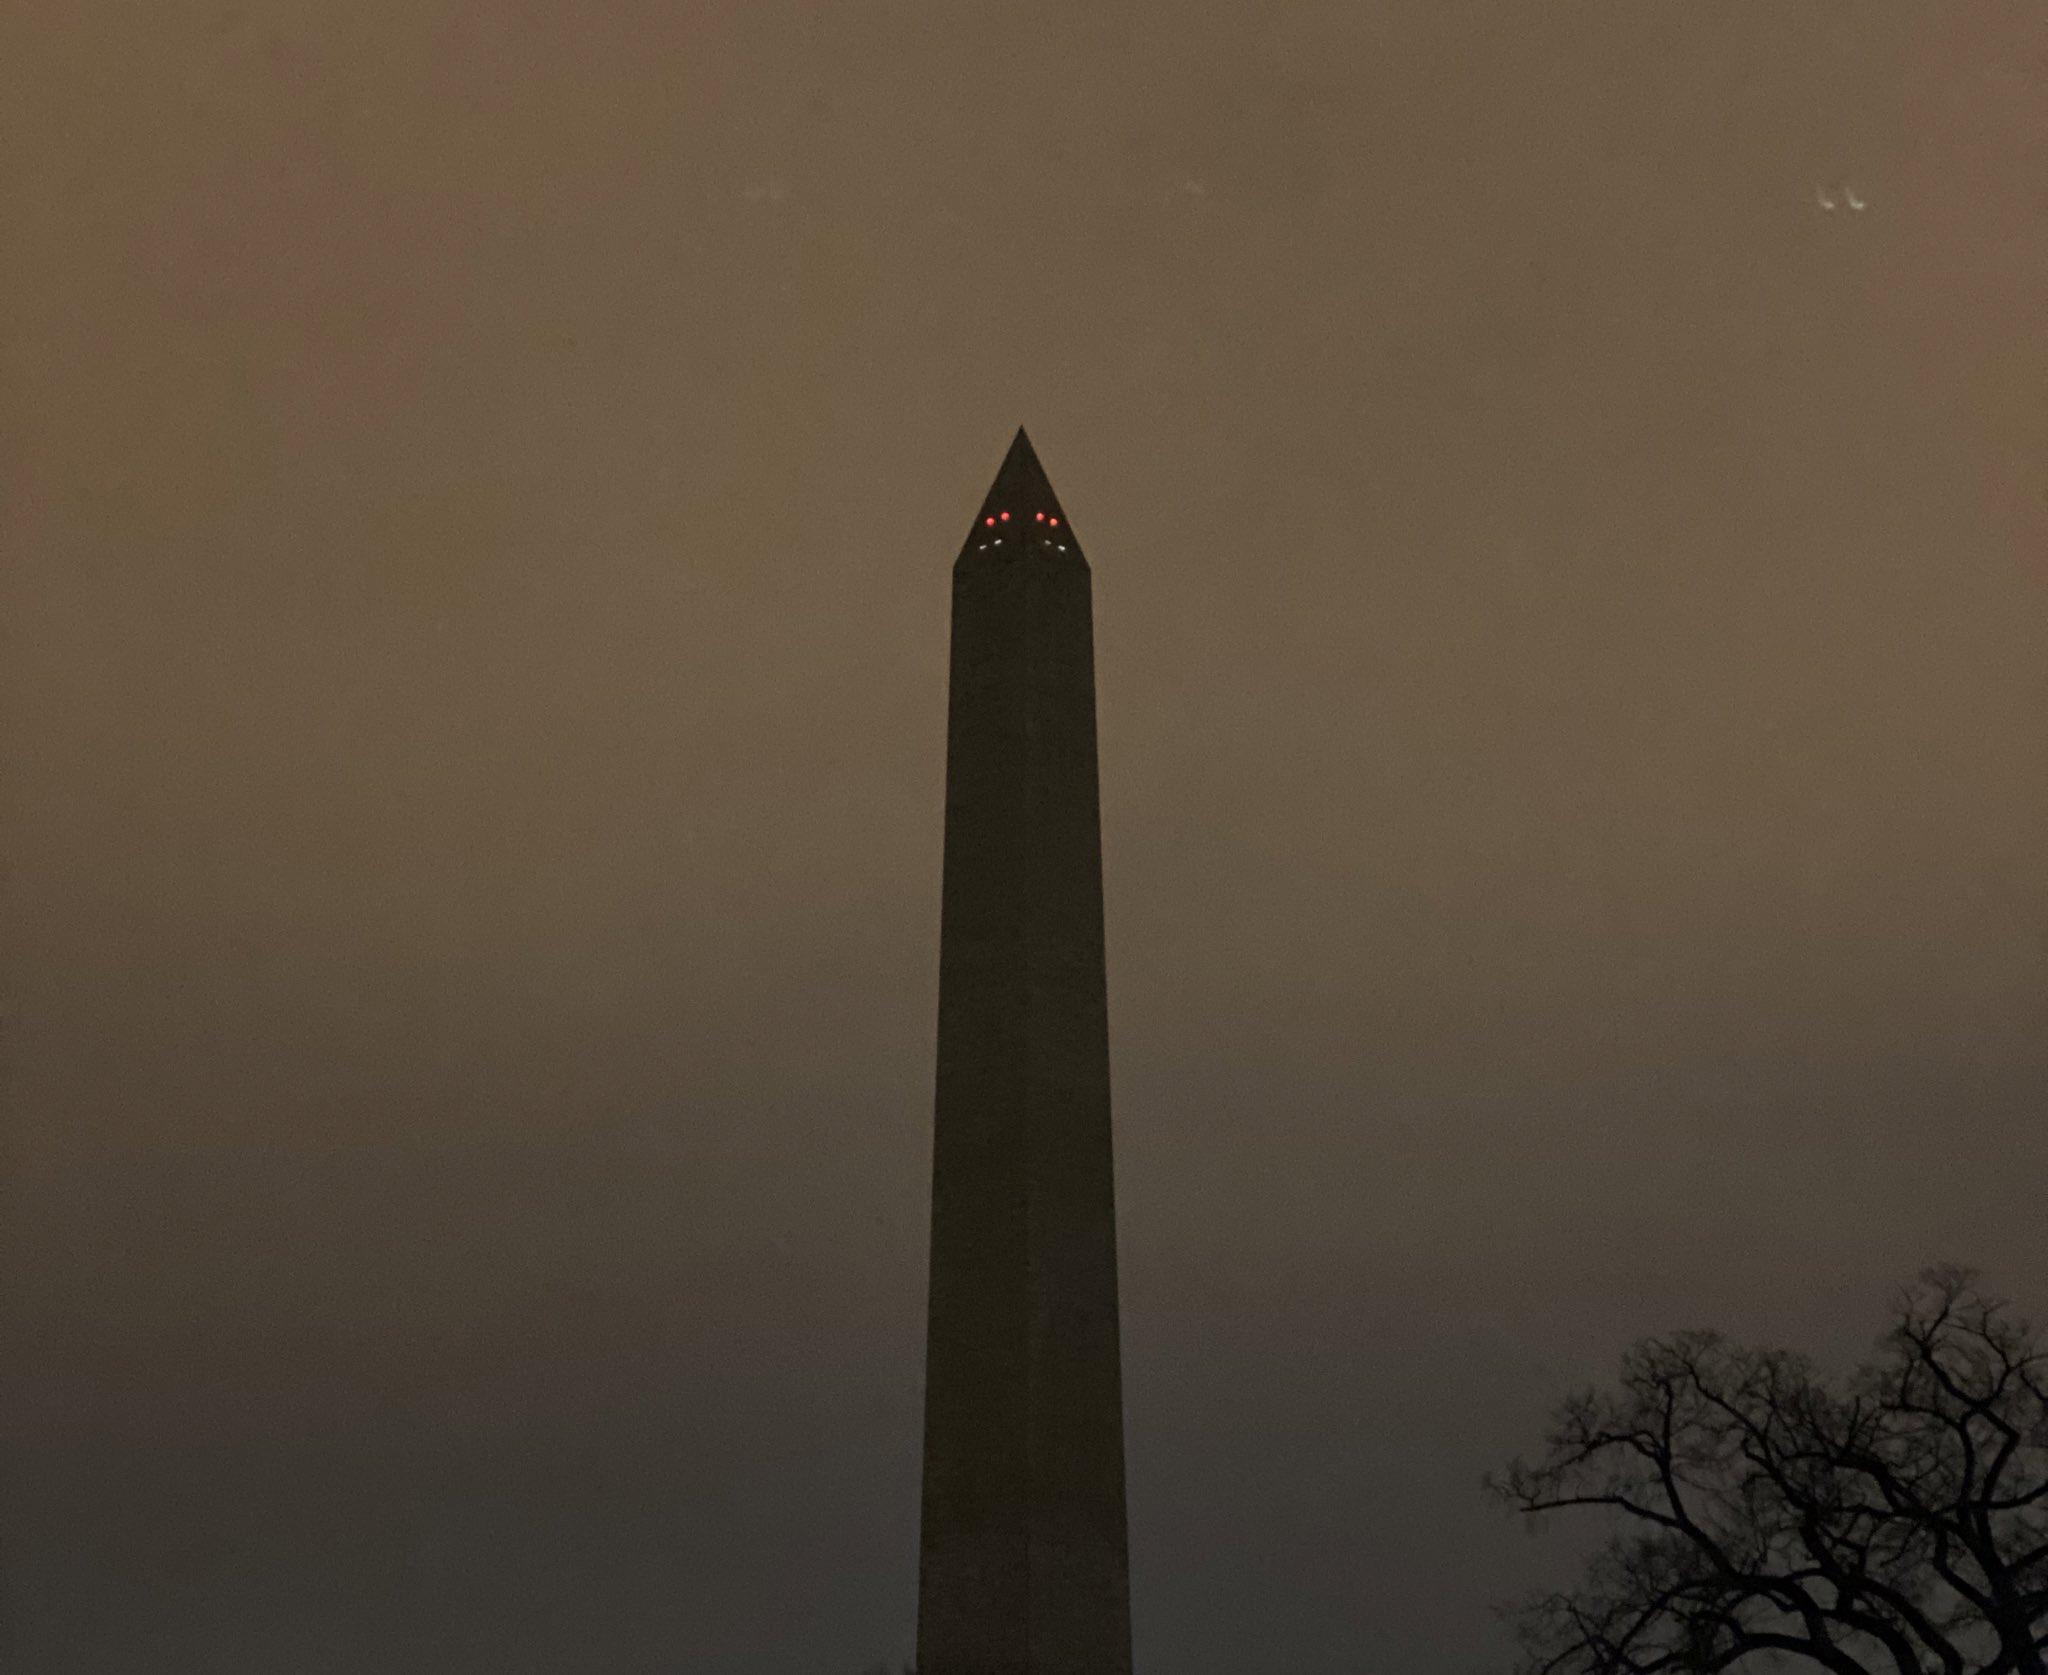 一片黑暗!华盛顿纪念碑莫名熄灯 引发网友热议